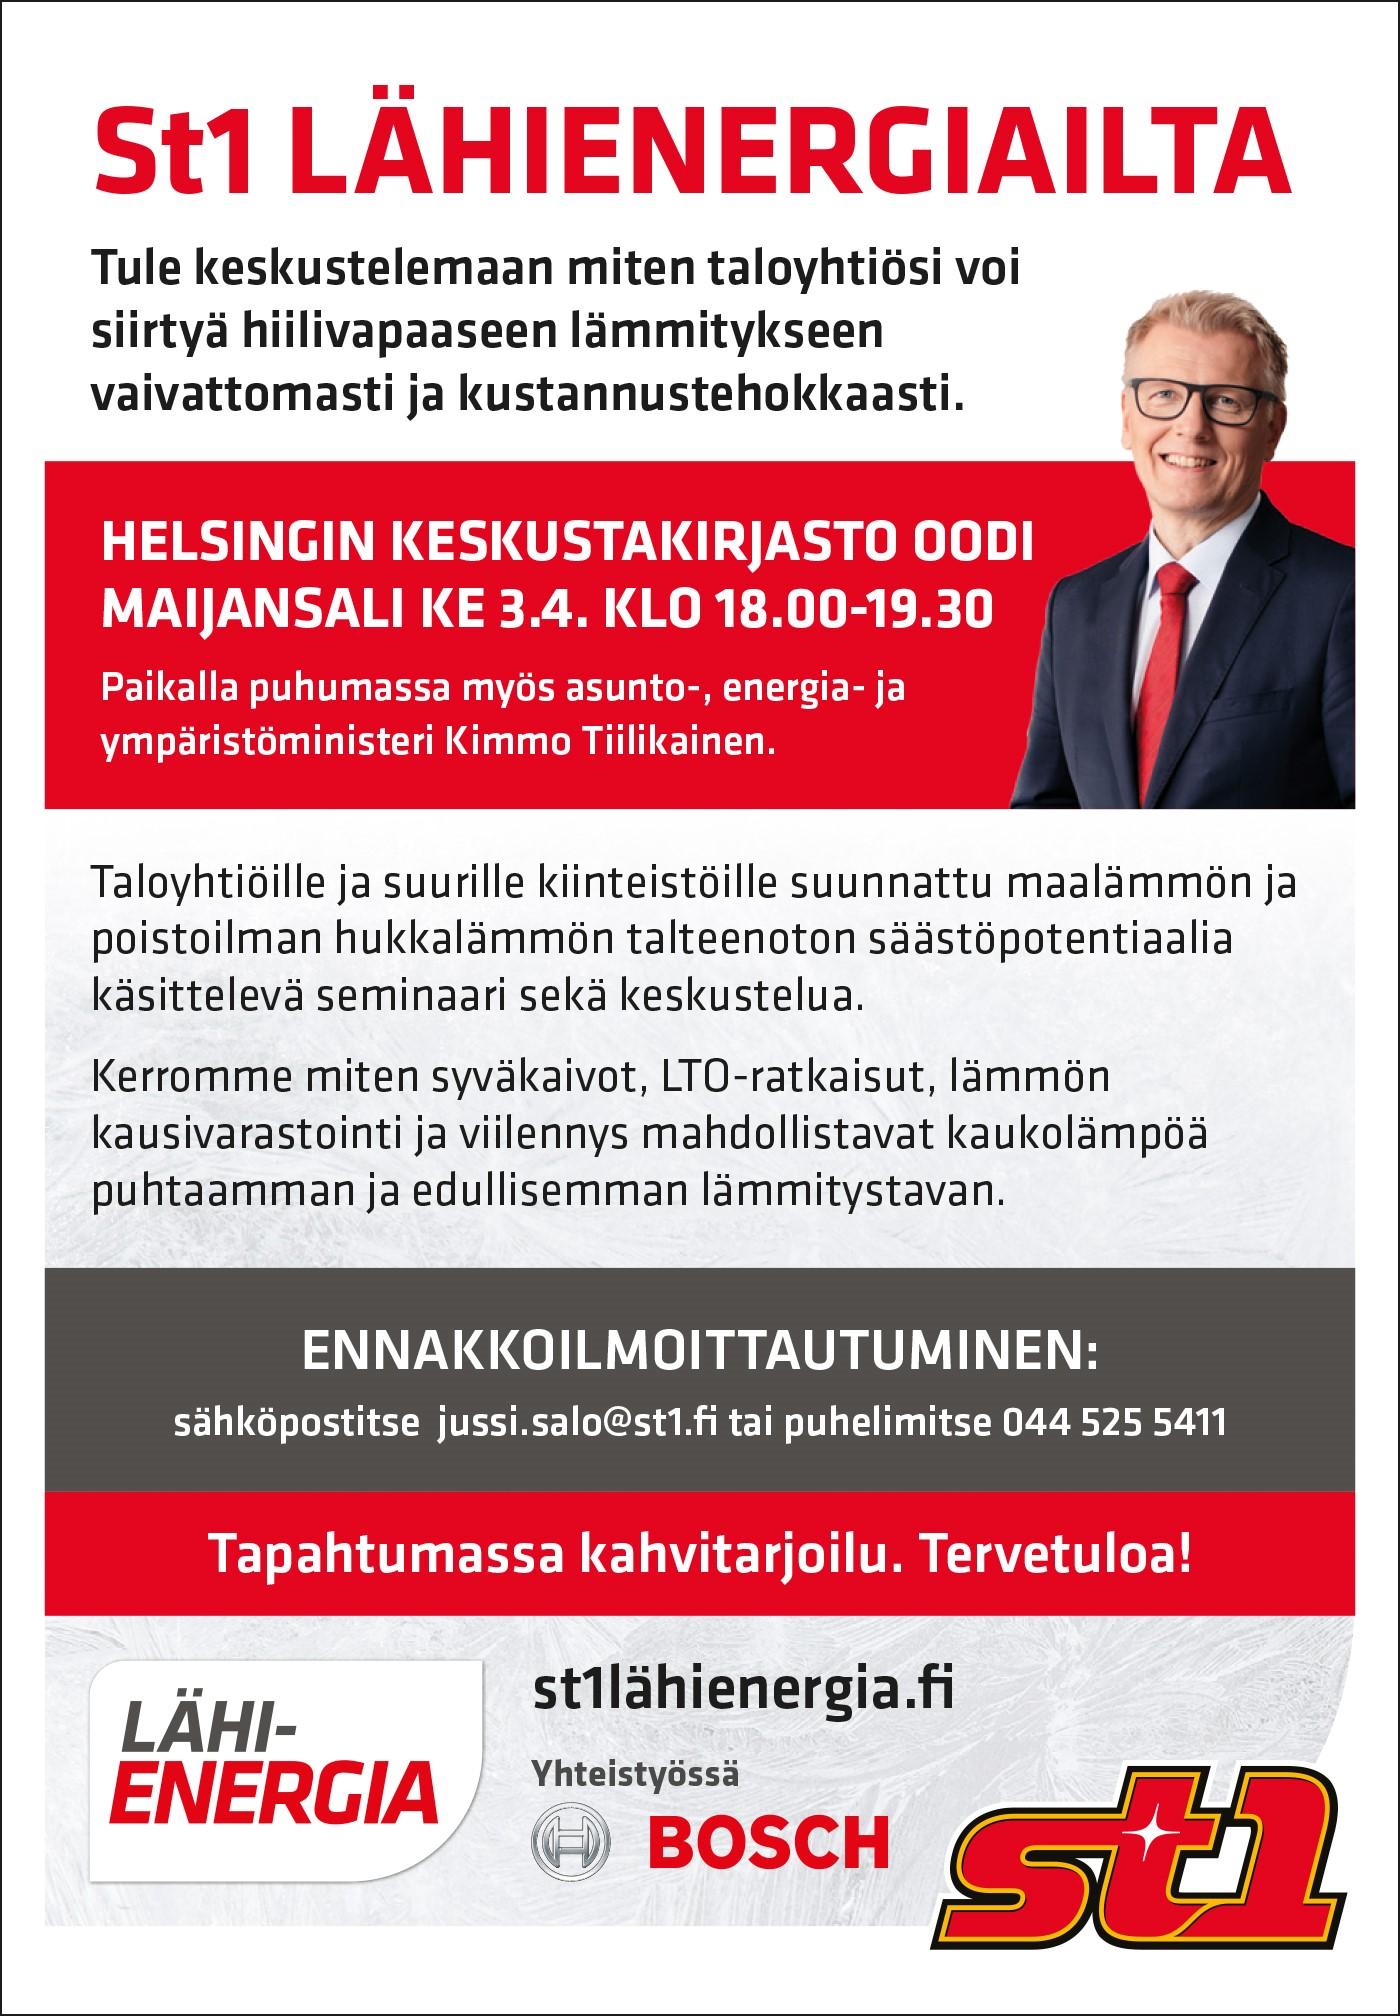 Ministeri Tiilikainen Lähienergiaillassa